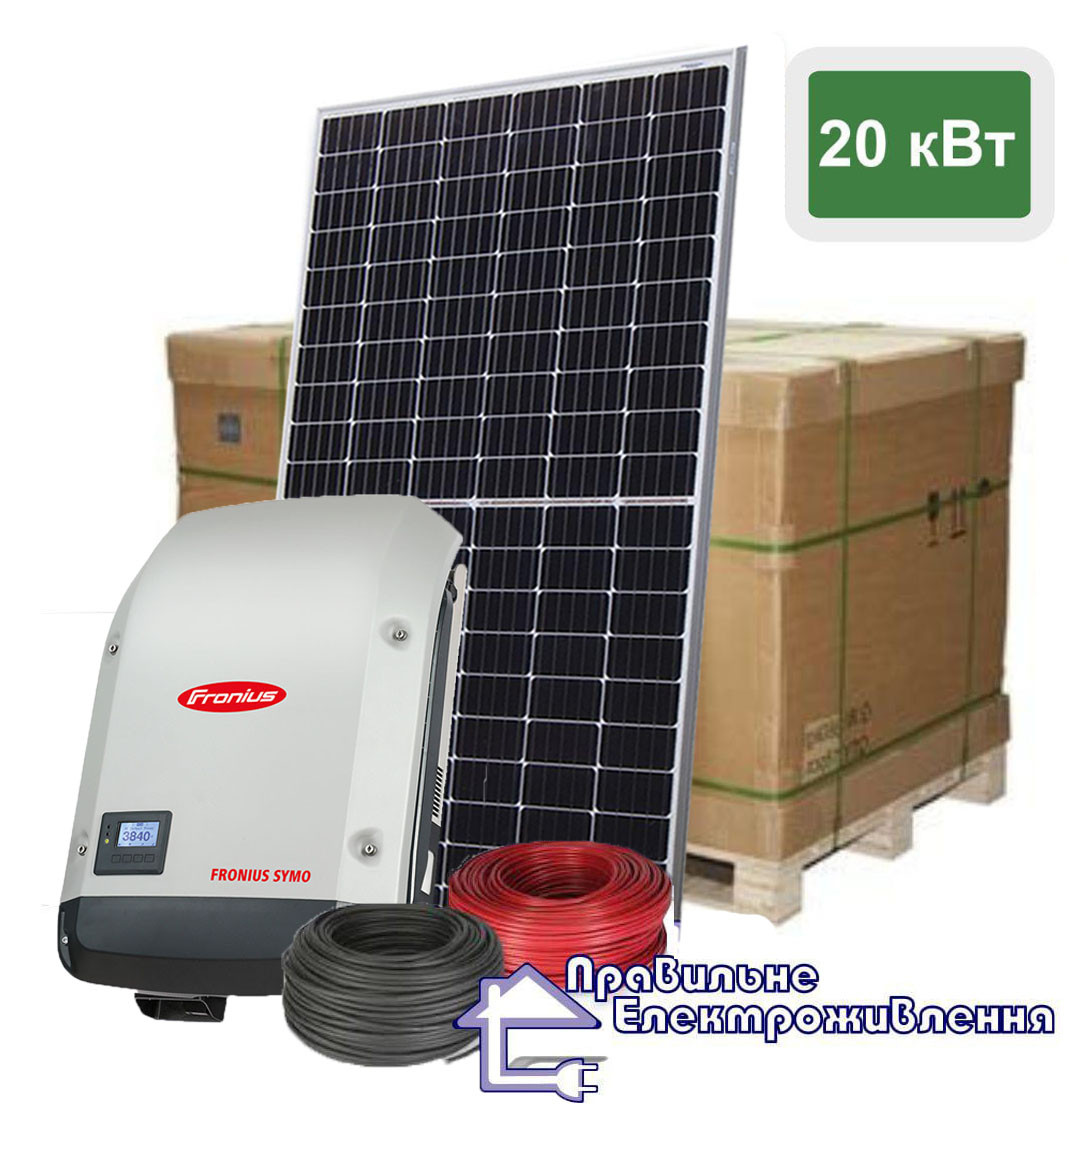 Сонячна електростанція - 20 кВт Преміум